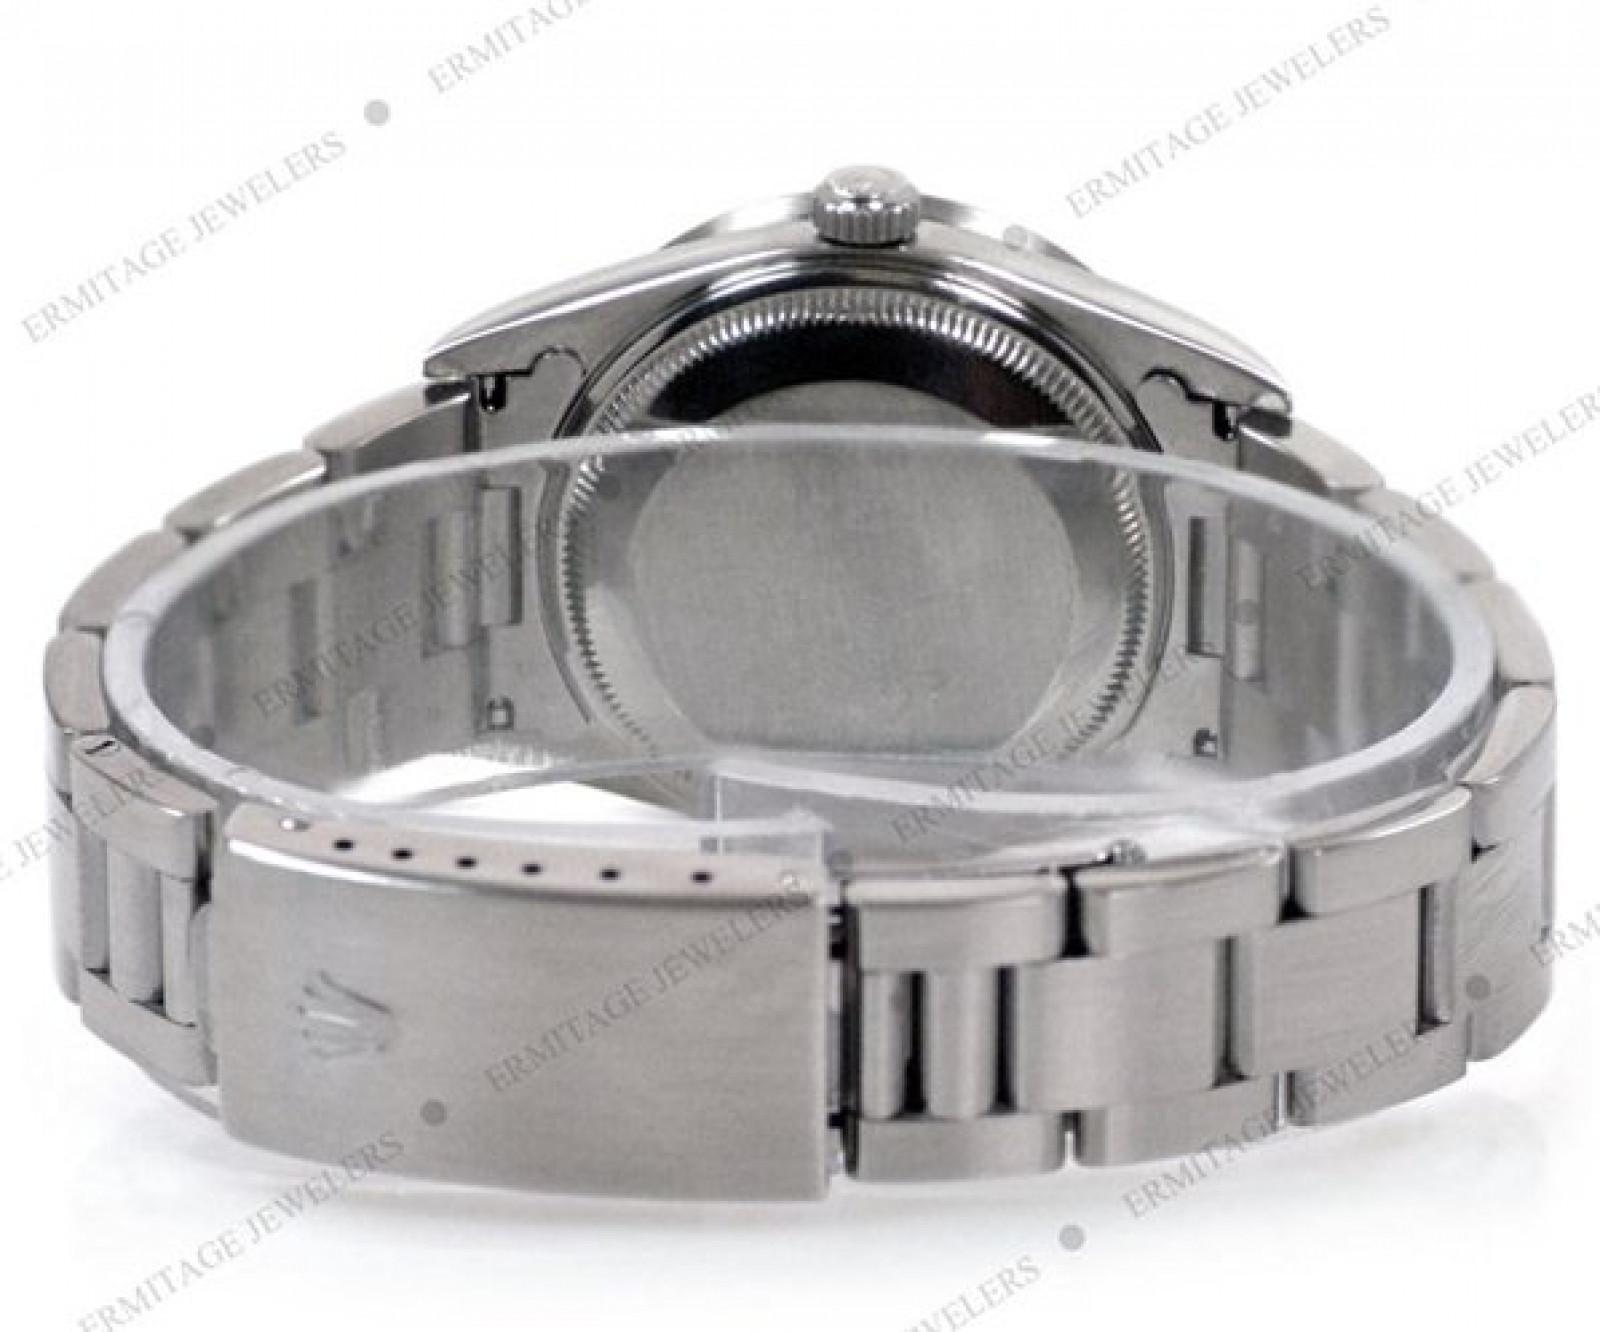 Rolex Date 15210 Steel White 1996